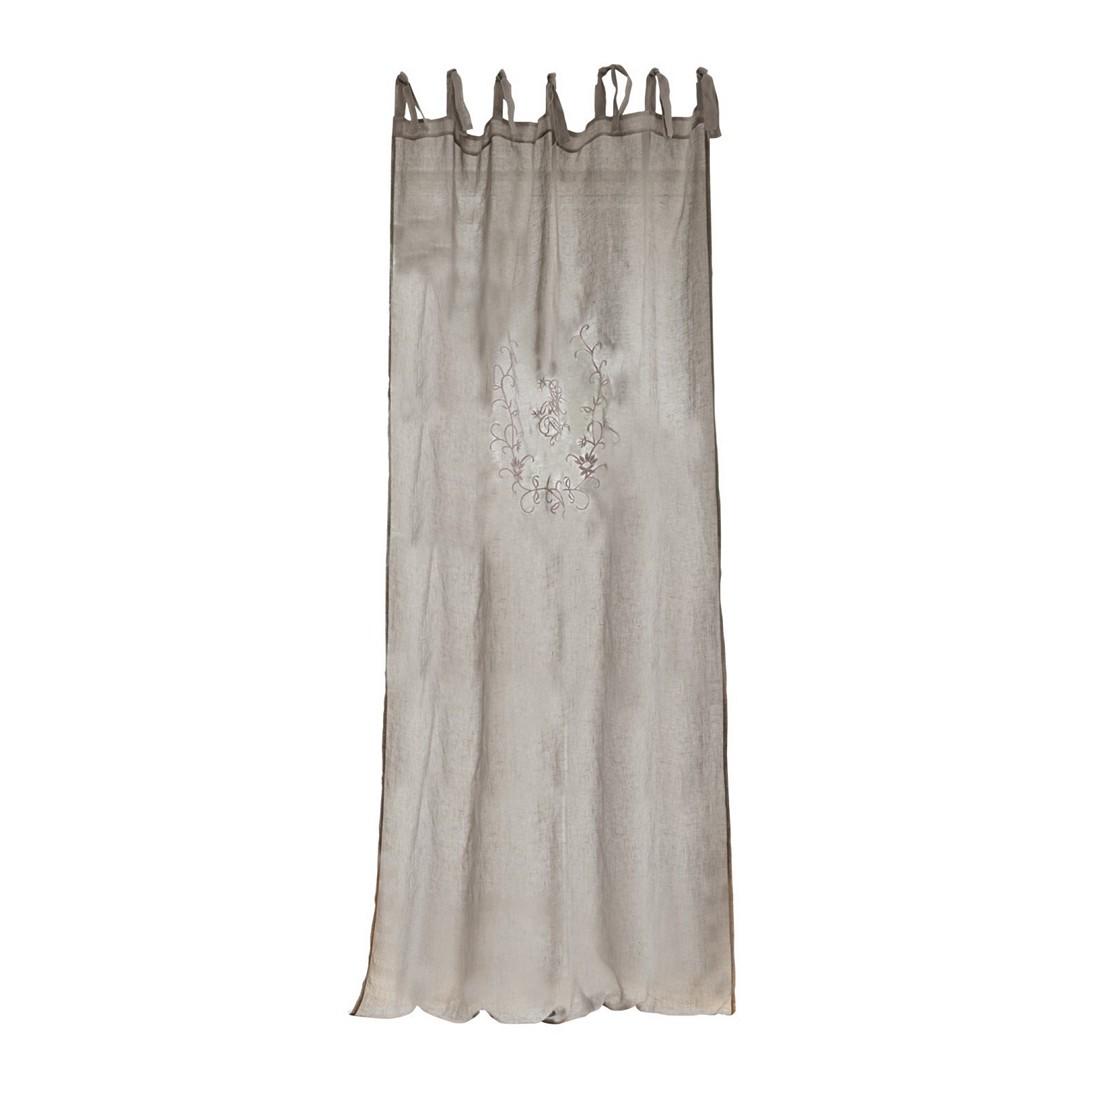 gardinen deko gardinen farbe taupe gardinen dekoration verbessern ihr zimmer shade. Black Bedroom Furniture Sets. Home Design Ideas